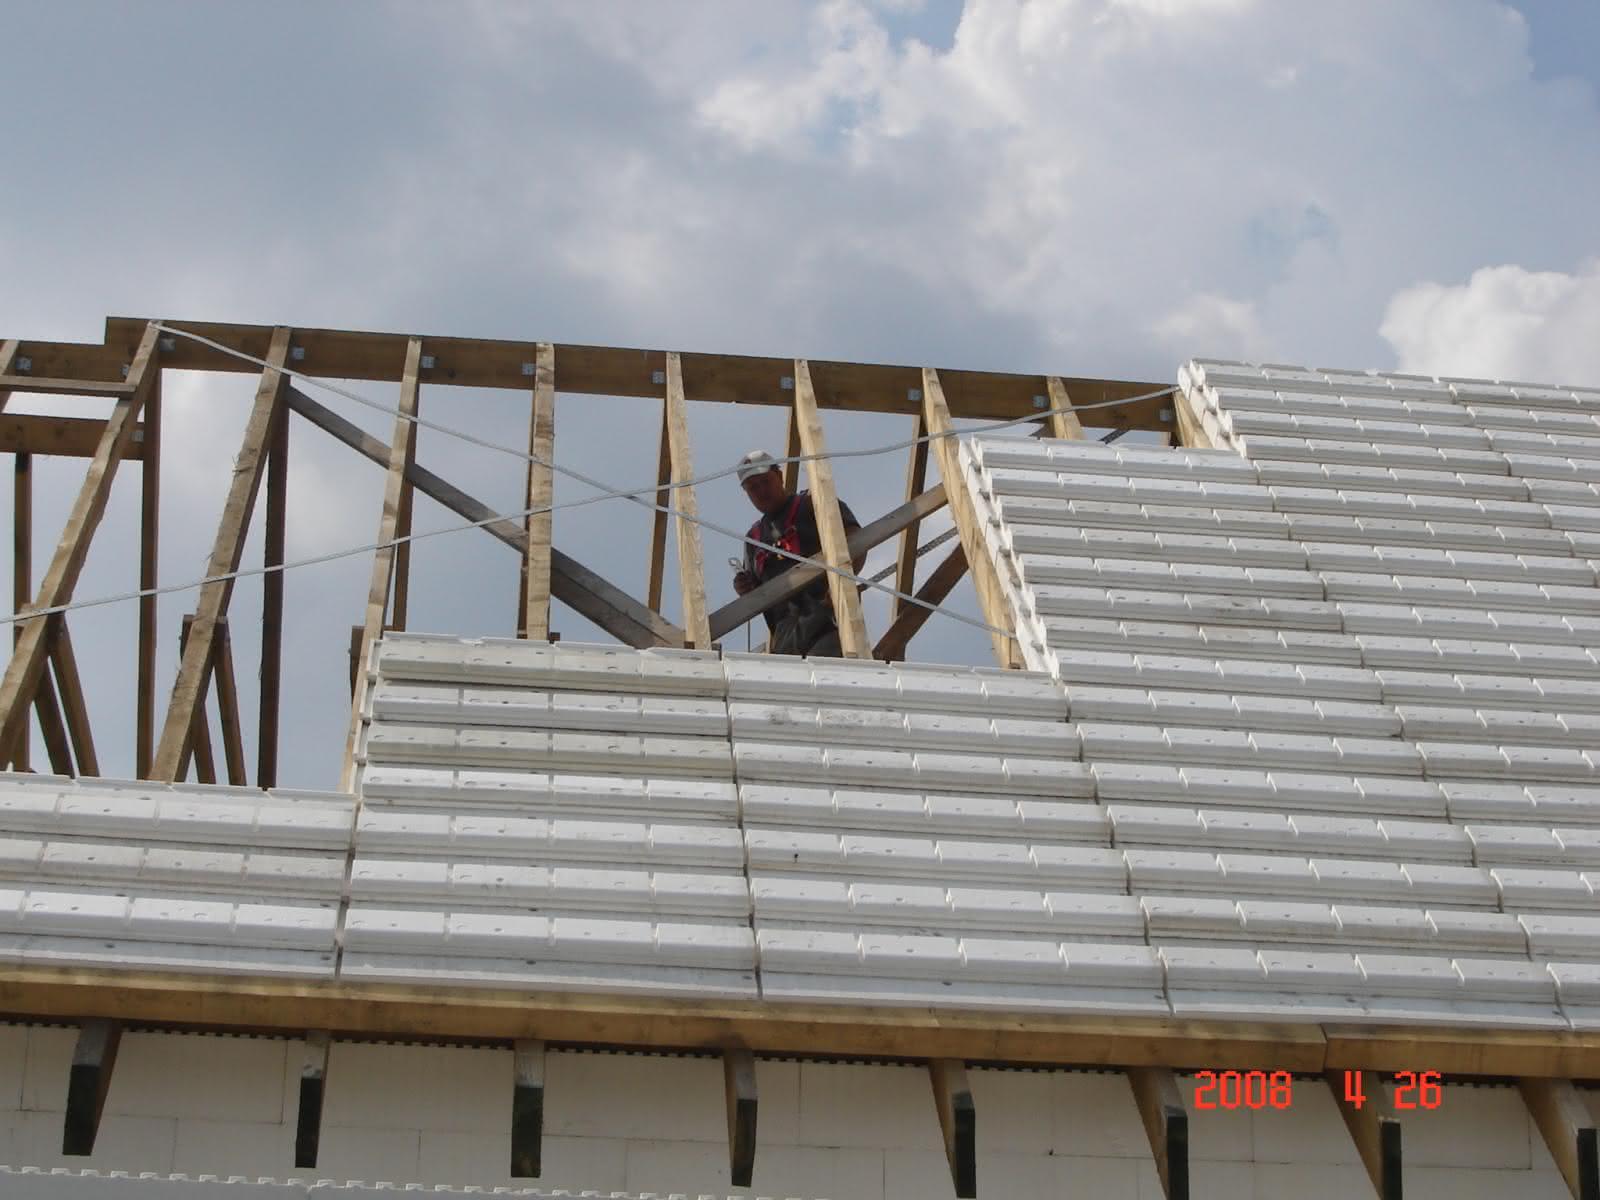 pokrycie dachu-to bardzo ciekawe doświadczenie